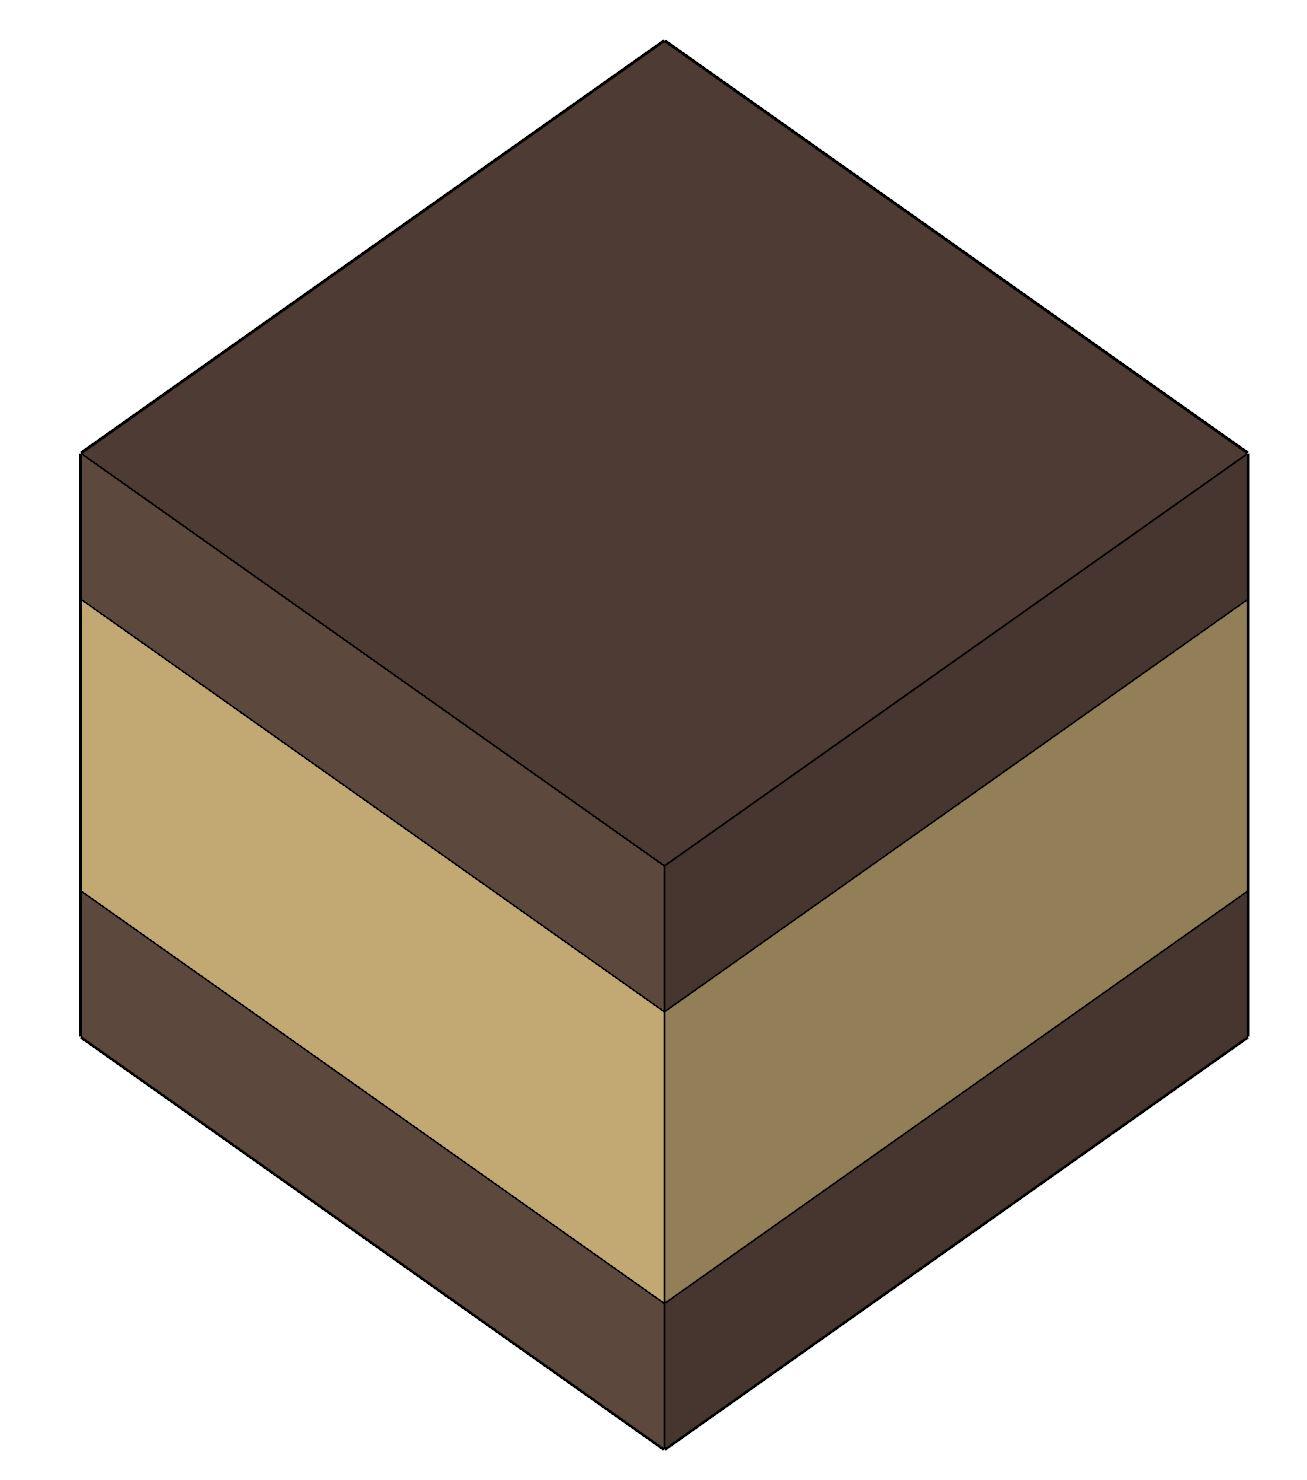 CHOCOLATE - MOCHA